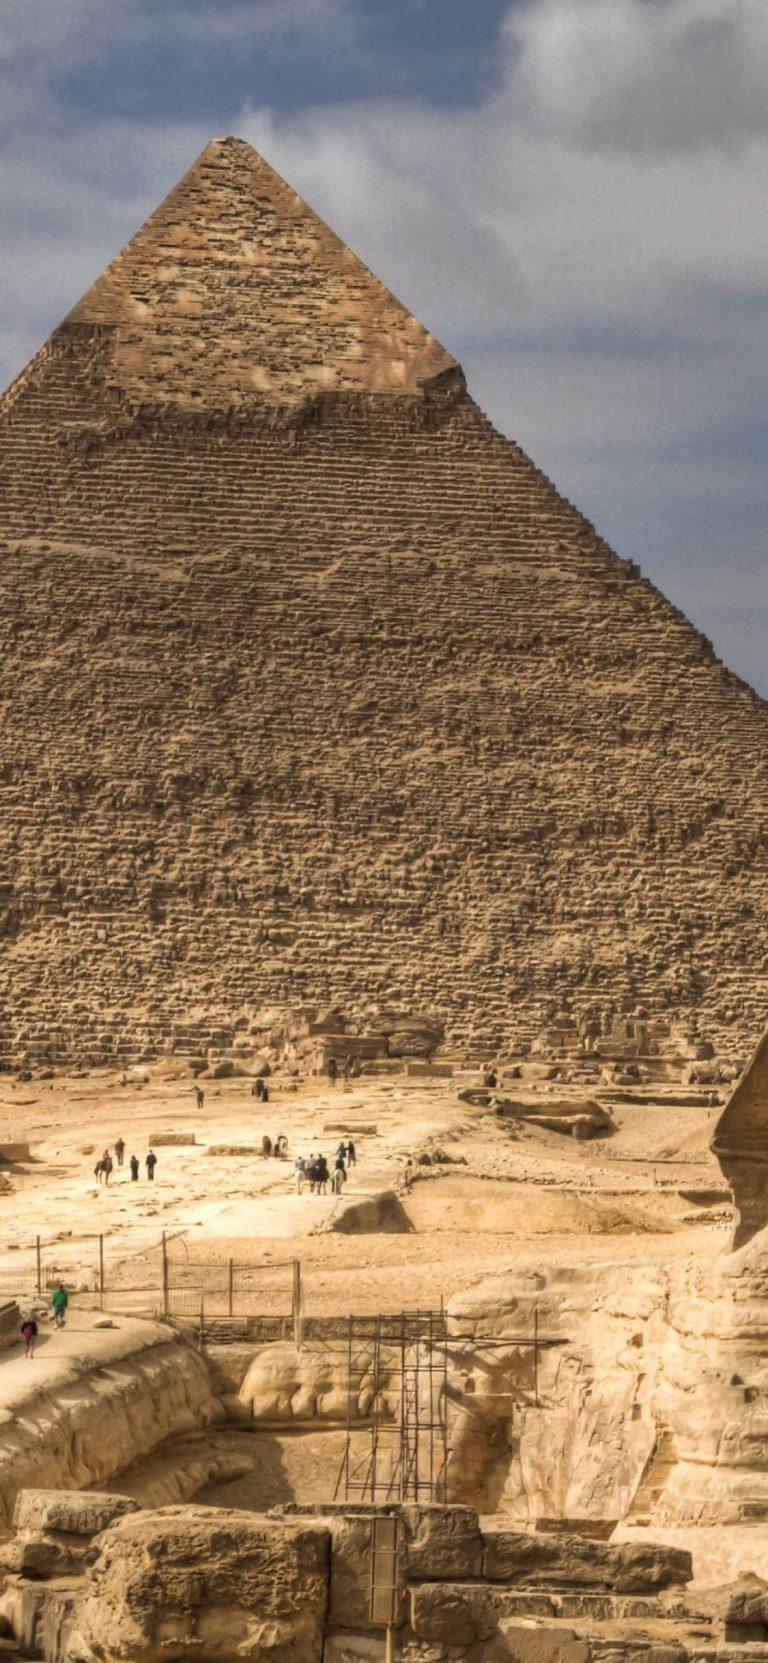 Pyramid HD Wallpaper 1125x2436 768x1663